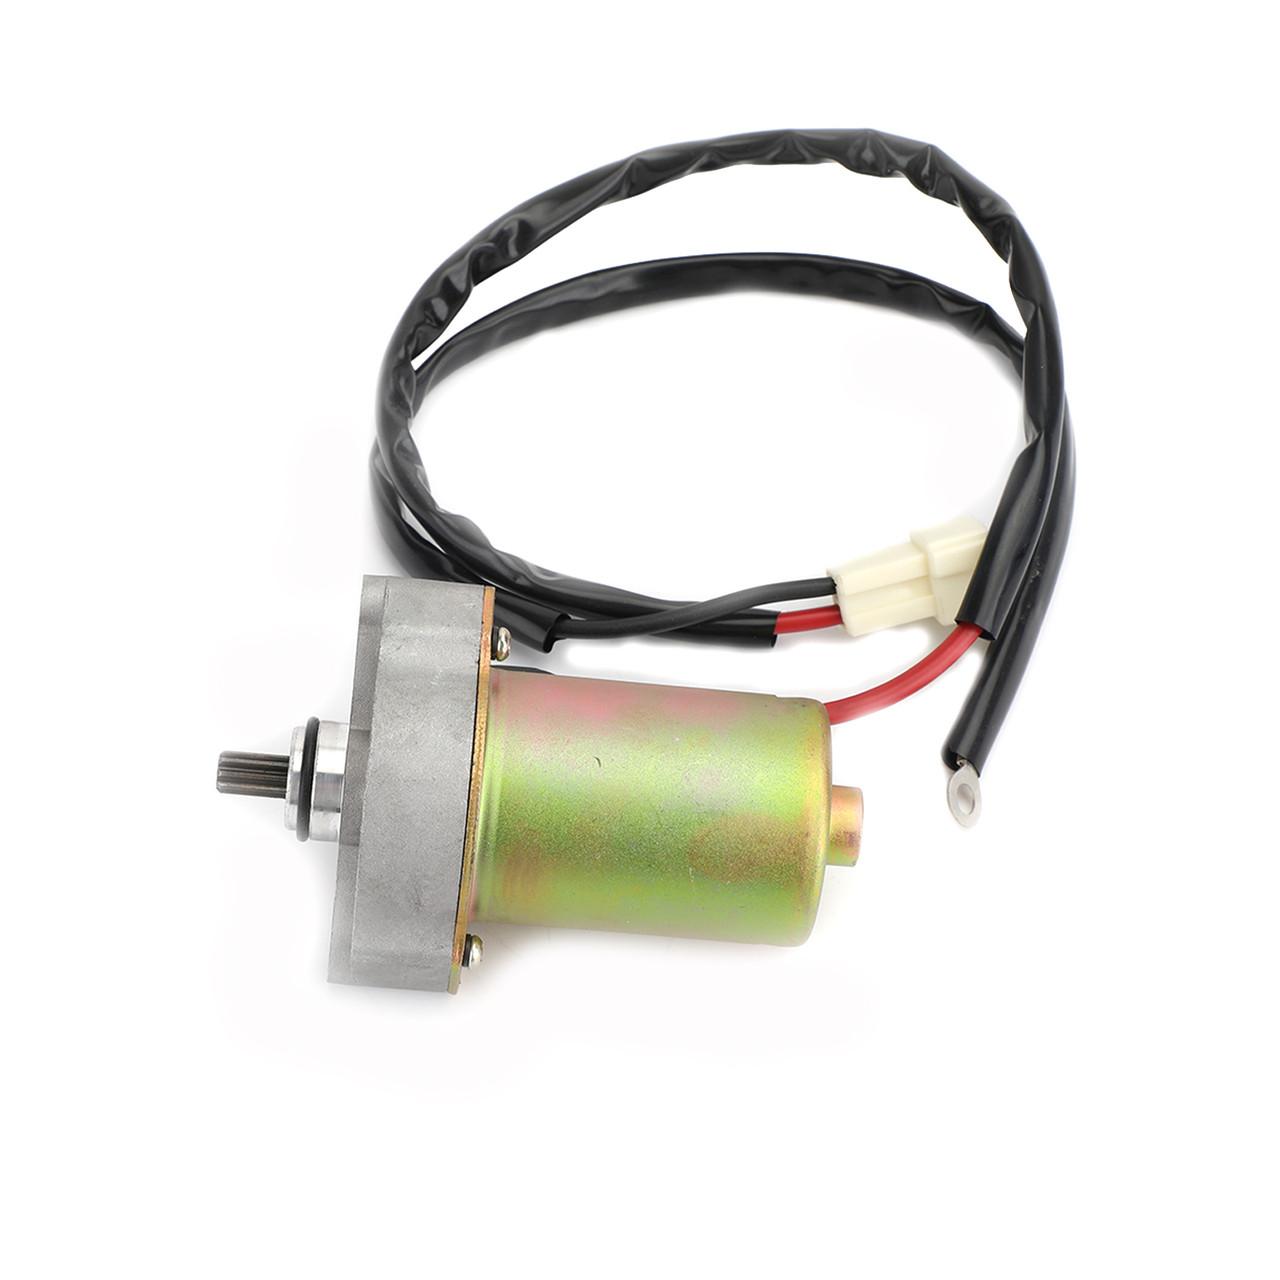 Starter Motor Fit for Polaris Sportsman / Outlaw 90 ATV 07-14/16 # 0453478 Gold